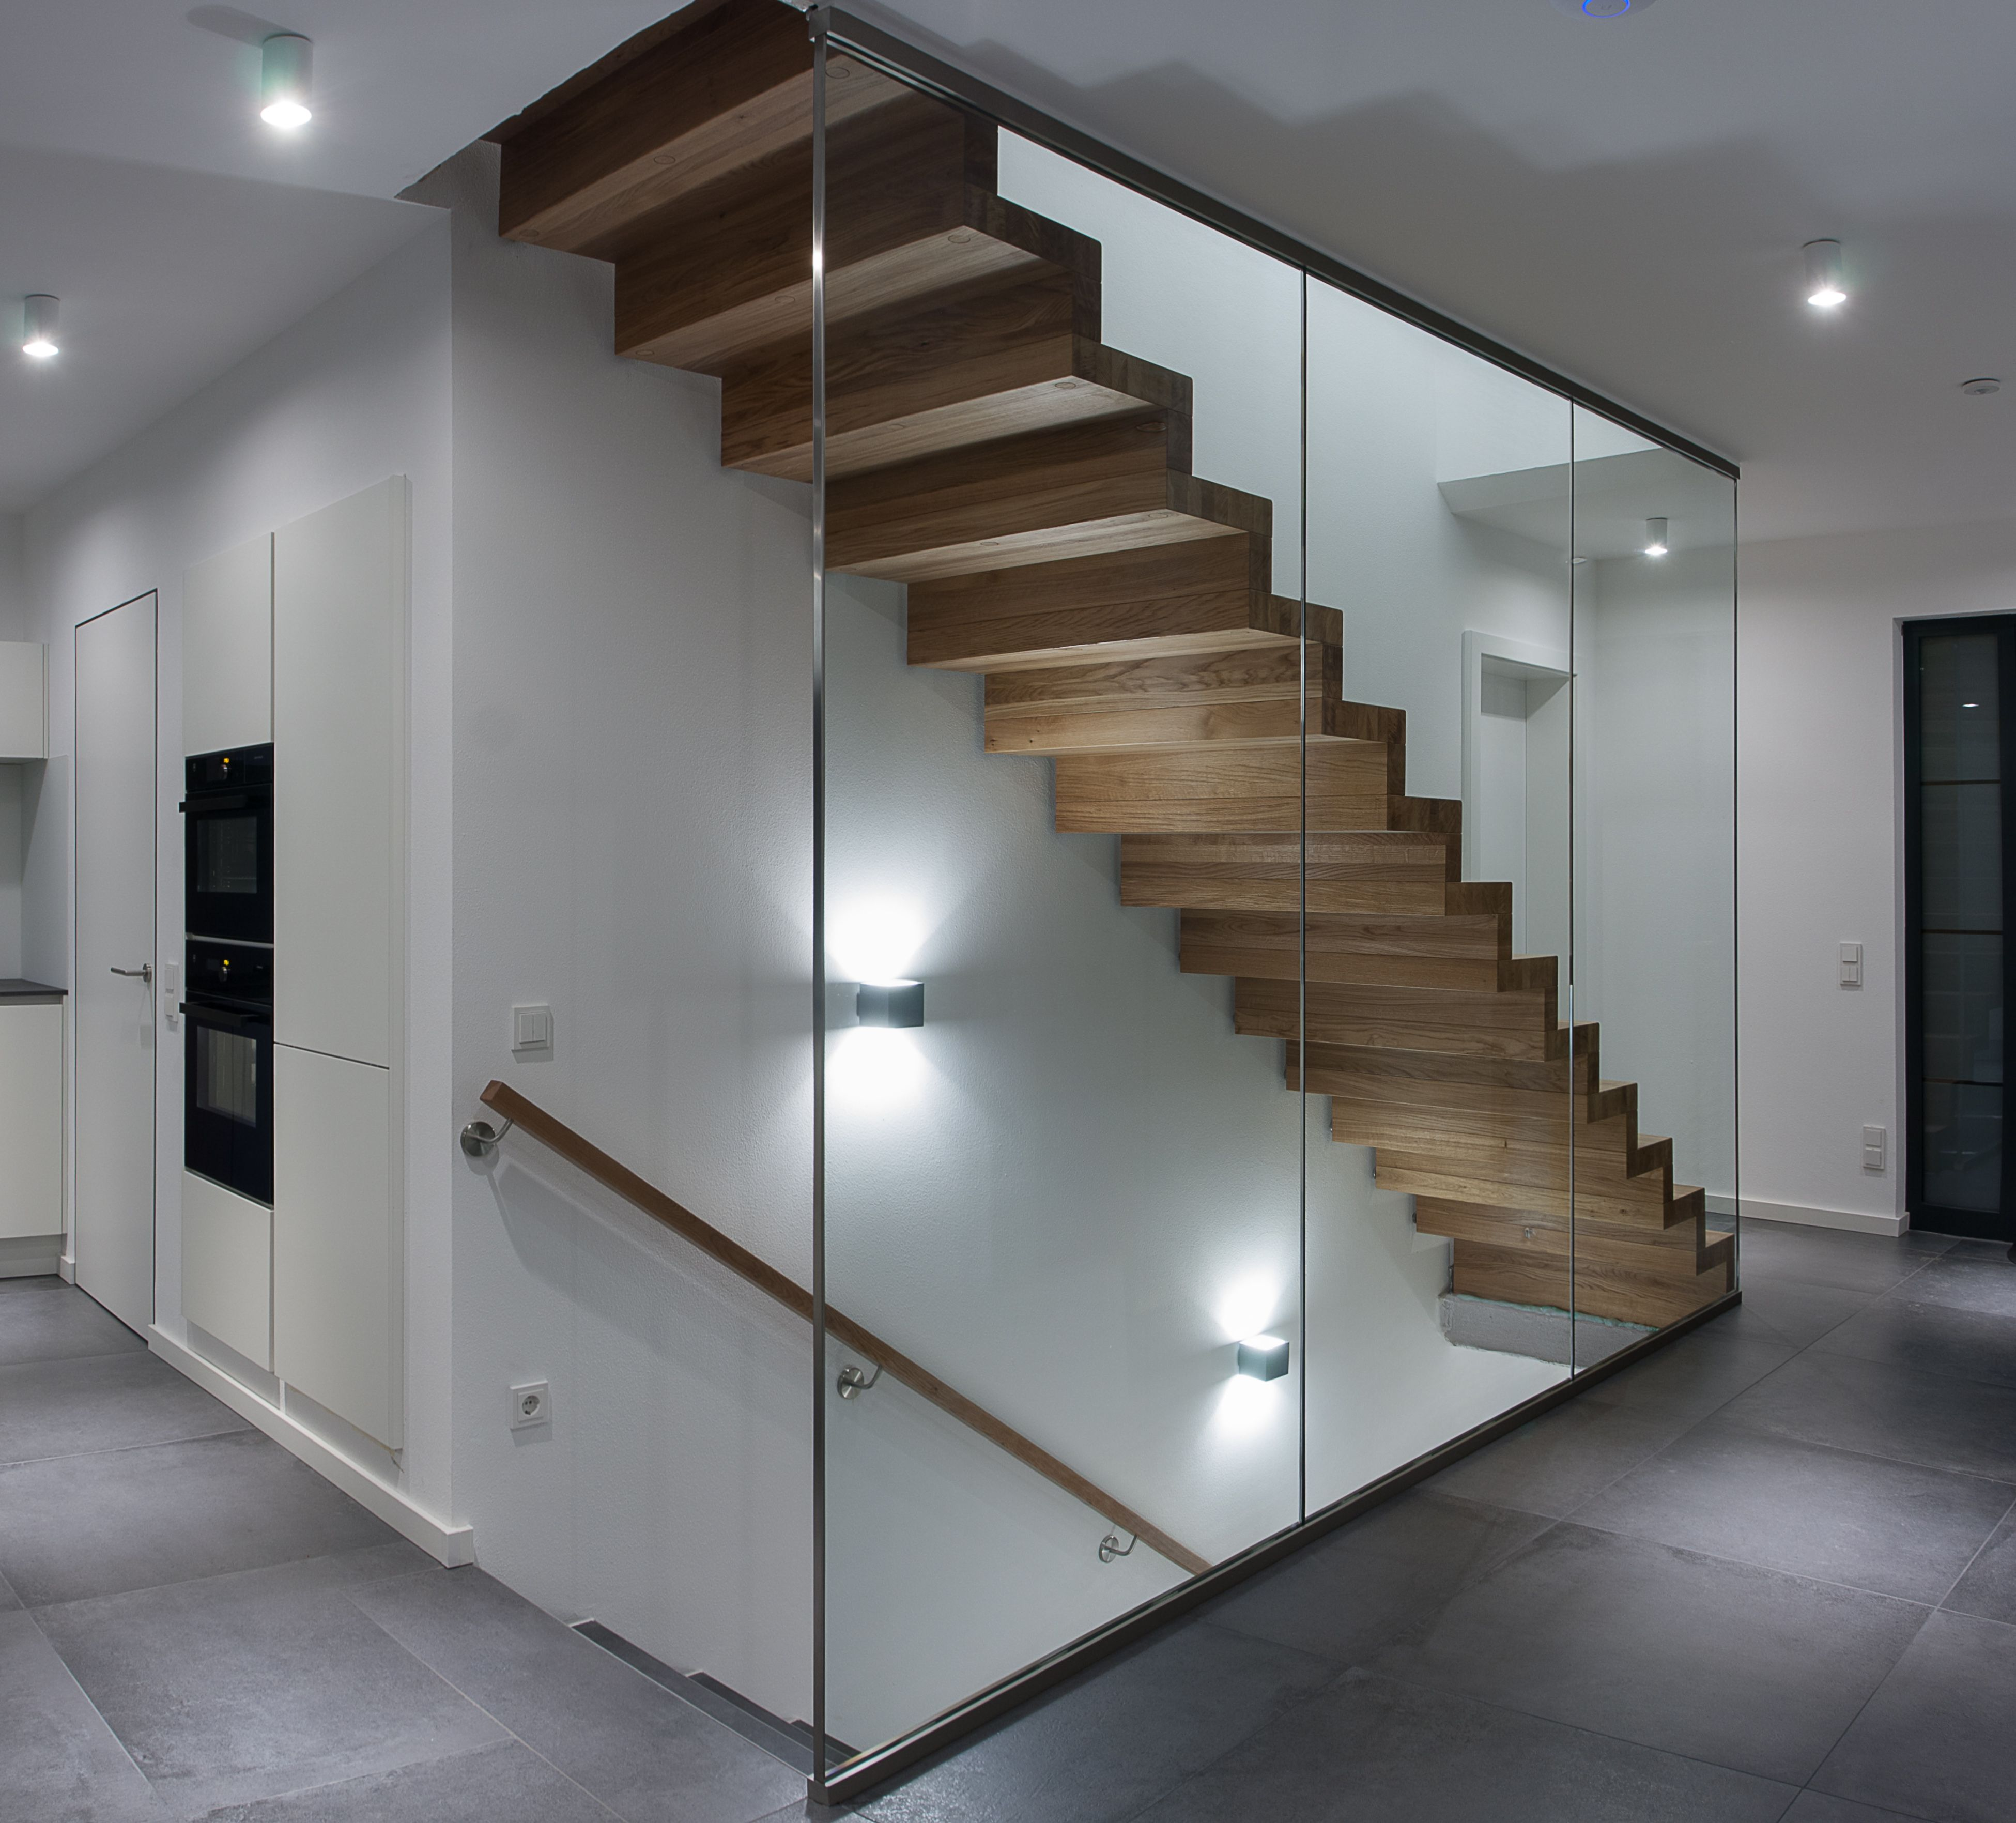 Frey,Treppe, Faltwerk, Holz, Glas, Beleuchtung, Wandhandlauf, Küche